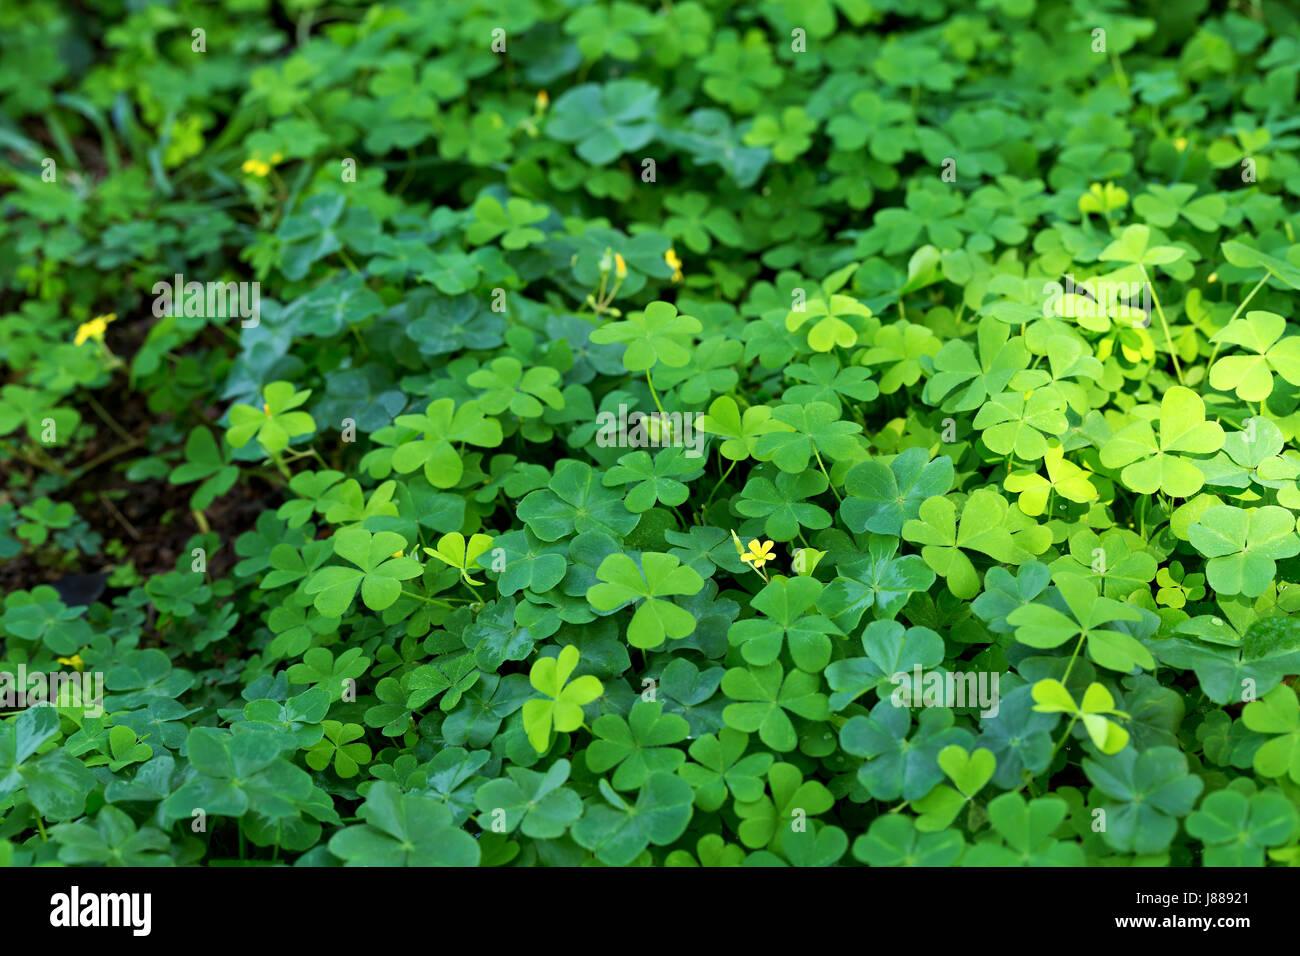 Four Leaf Clover Field Stock Photos Four Leaf Clover Field Stock